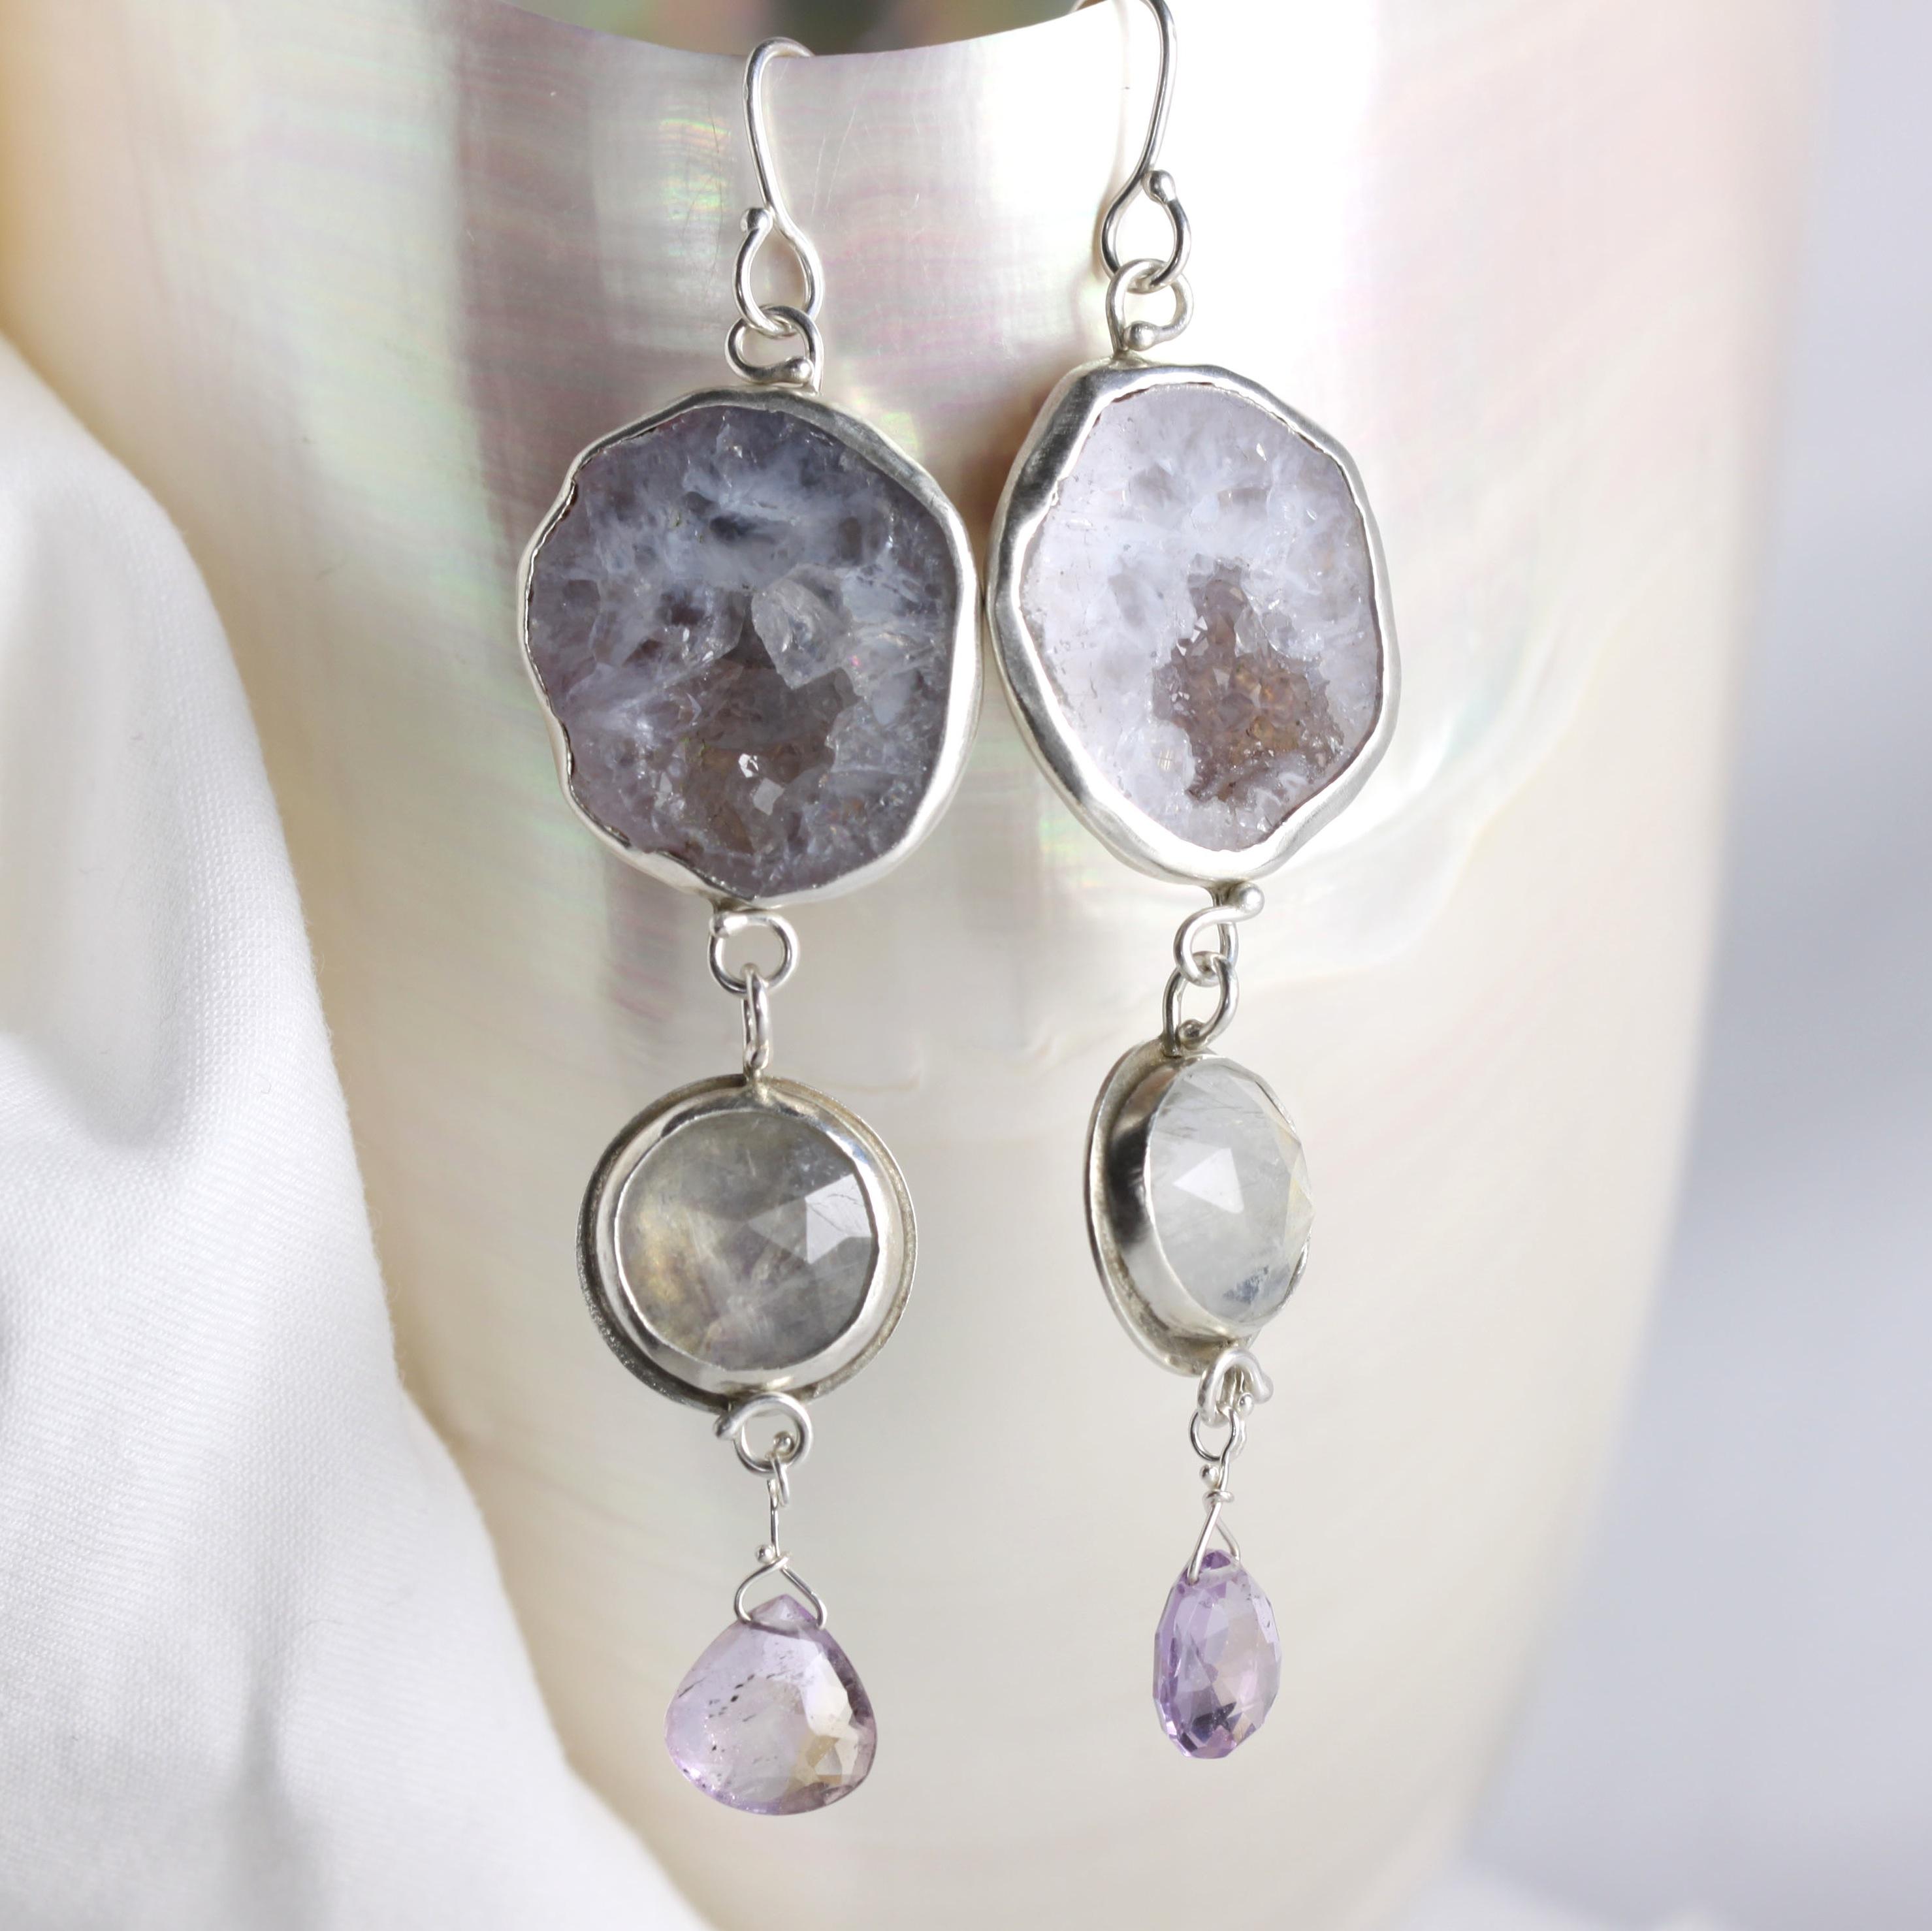 Baby Geode Earrings With Rose Cut Rainbow Moonstones & Ametrine Briolettes